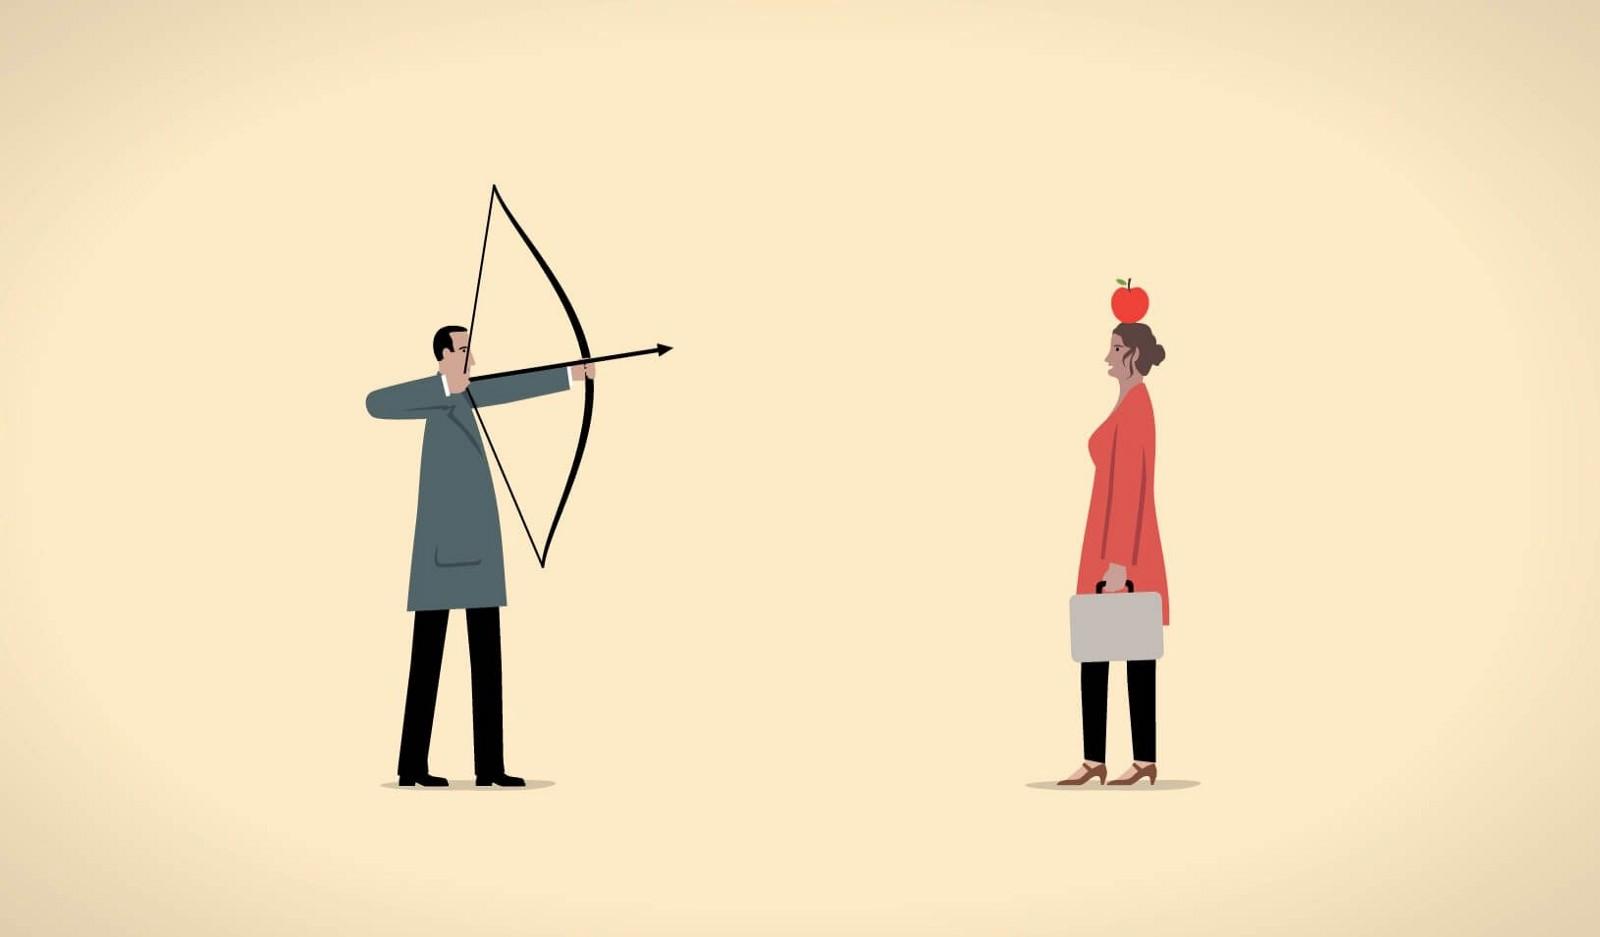 Peut-on faire confiance aux géants des télécoms ?